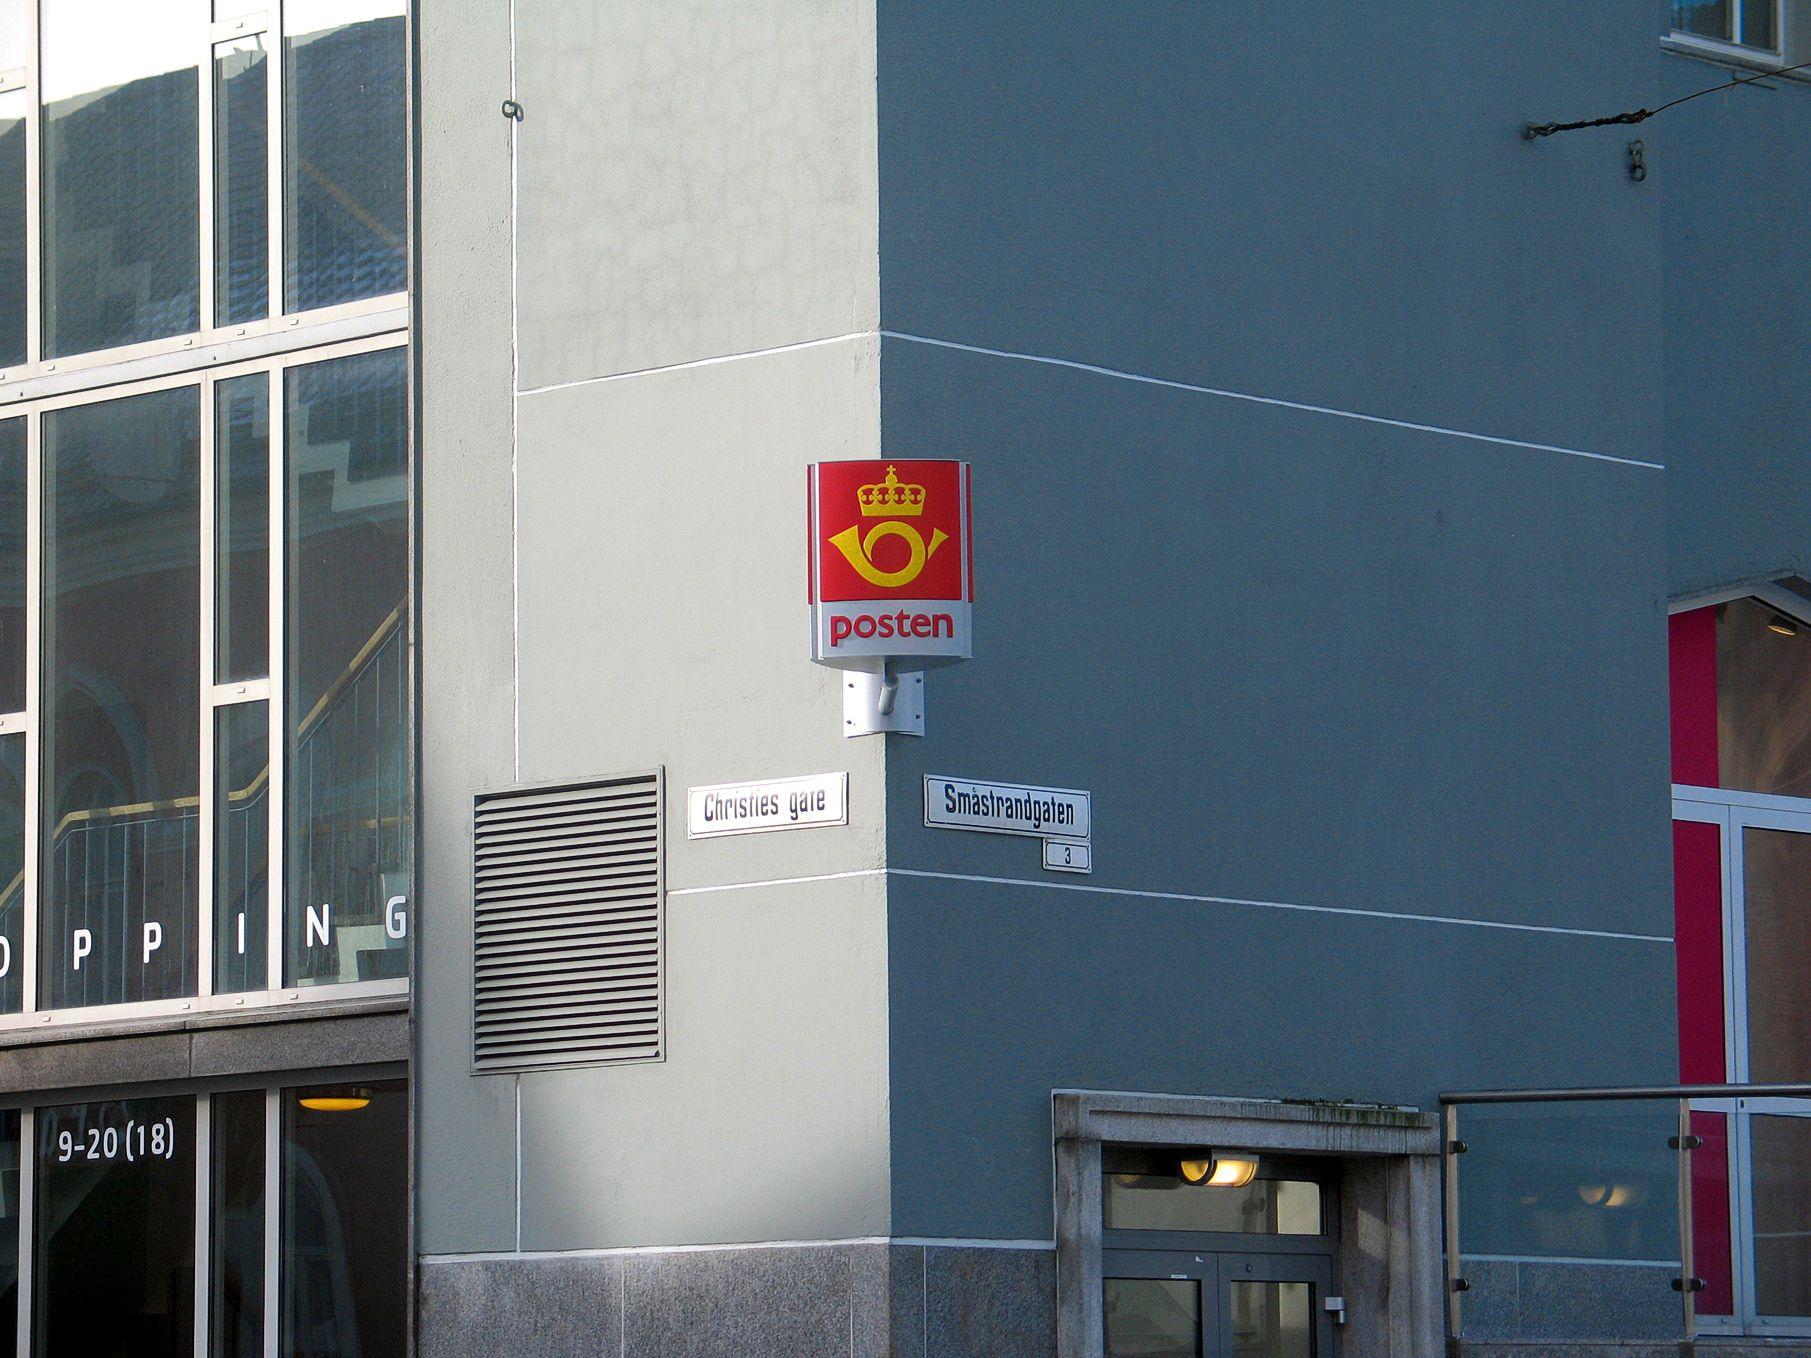 Posten Bergen Åpningstider